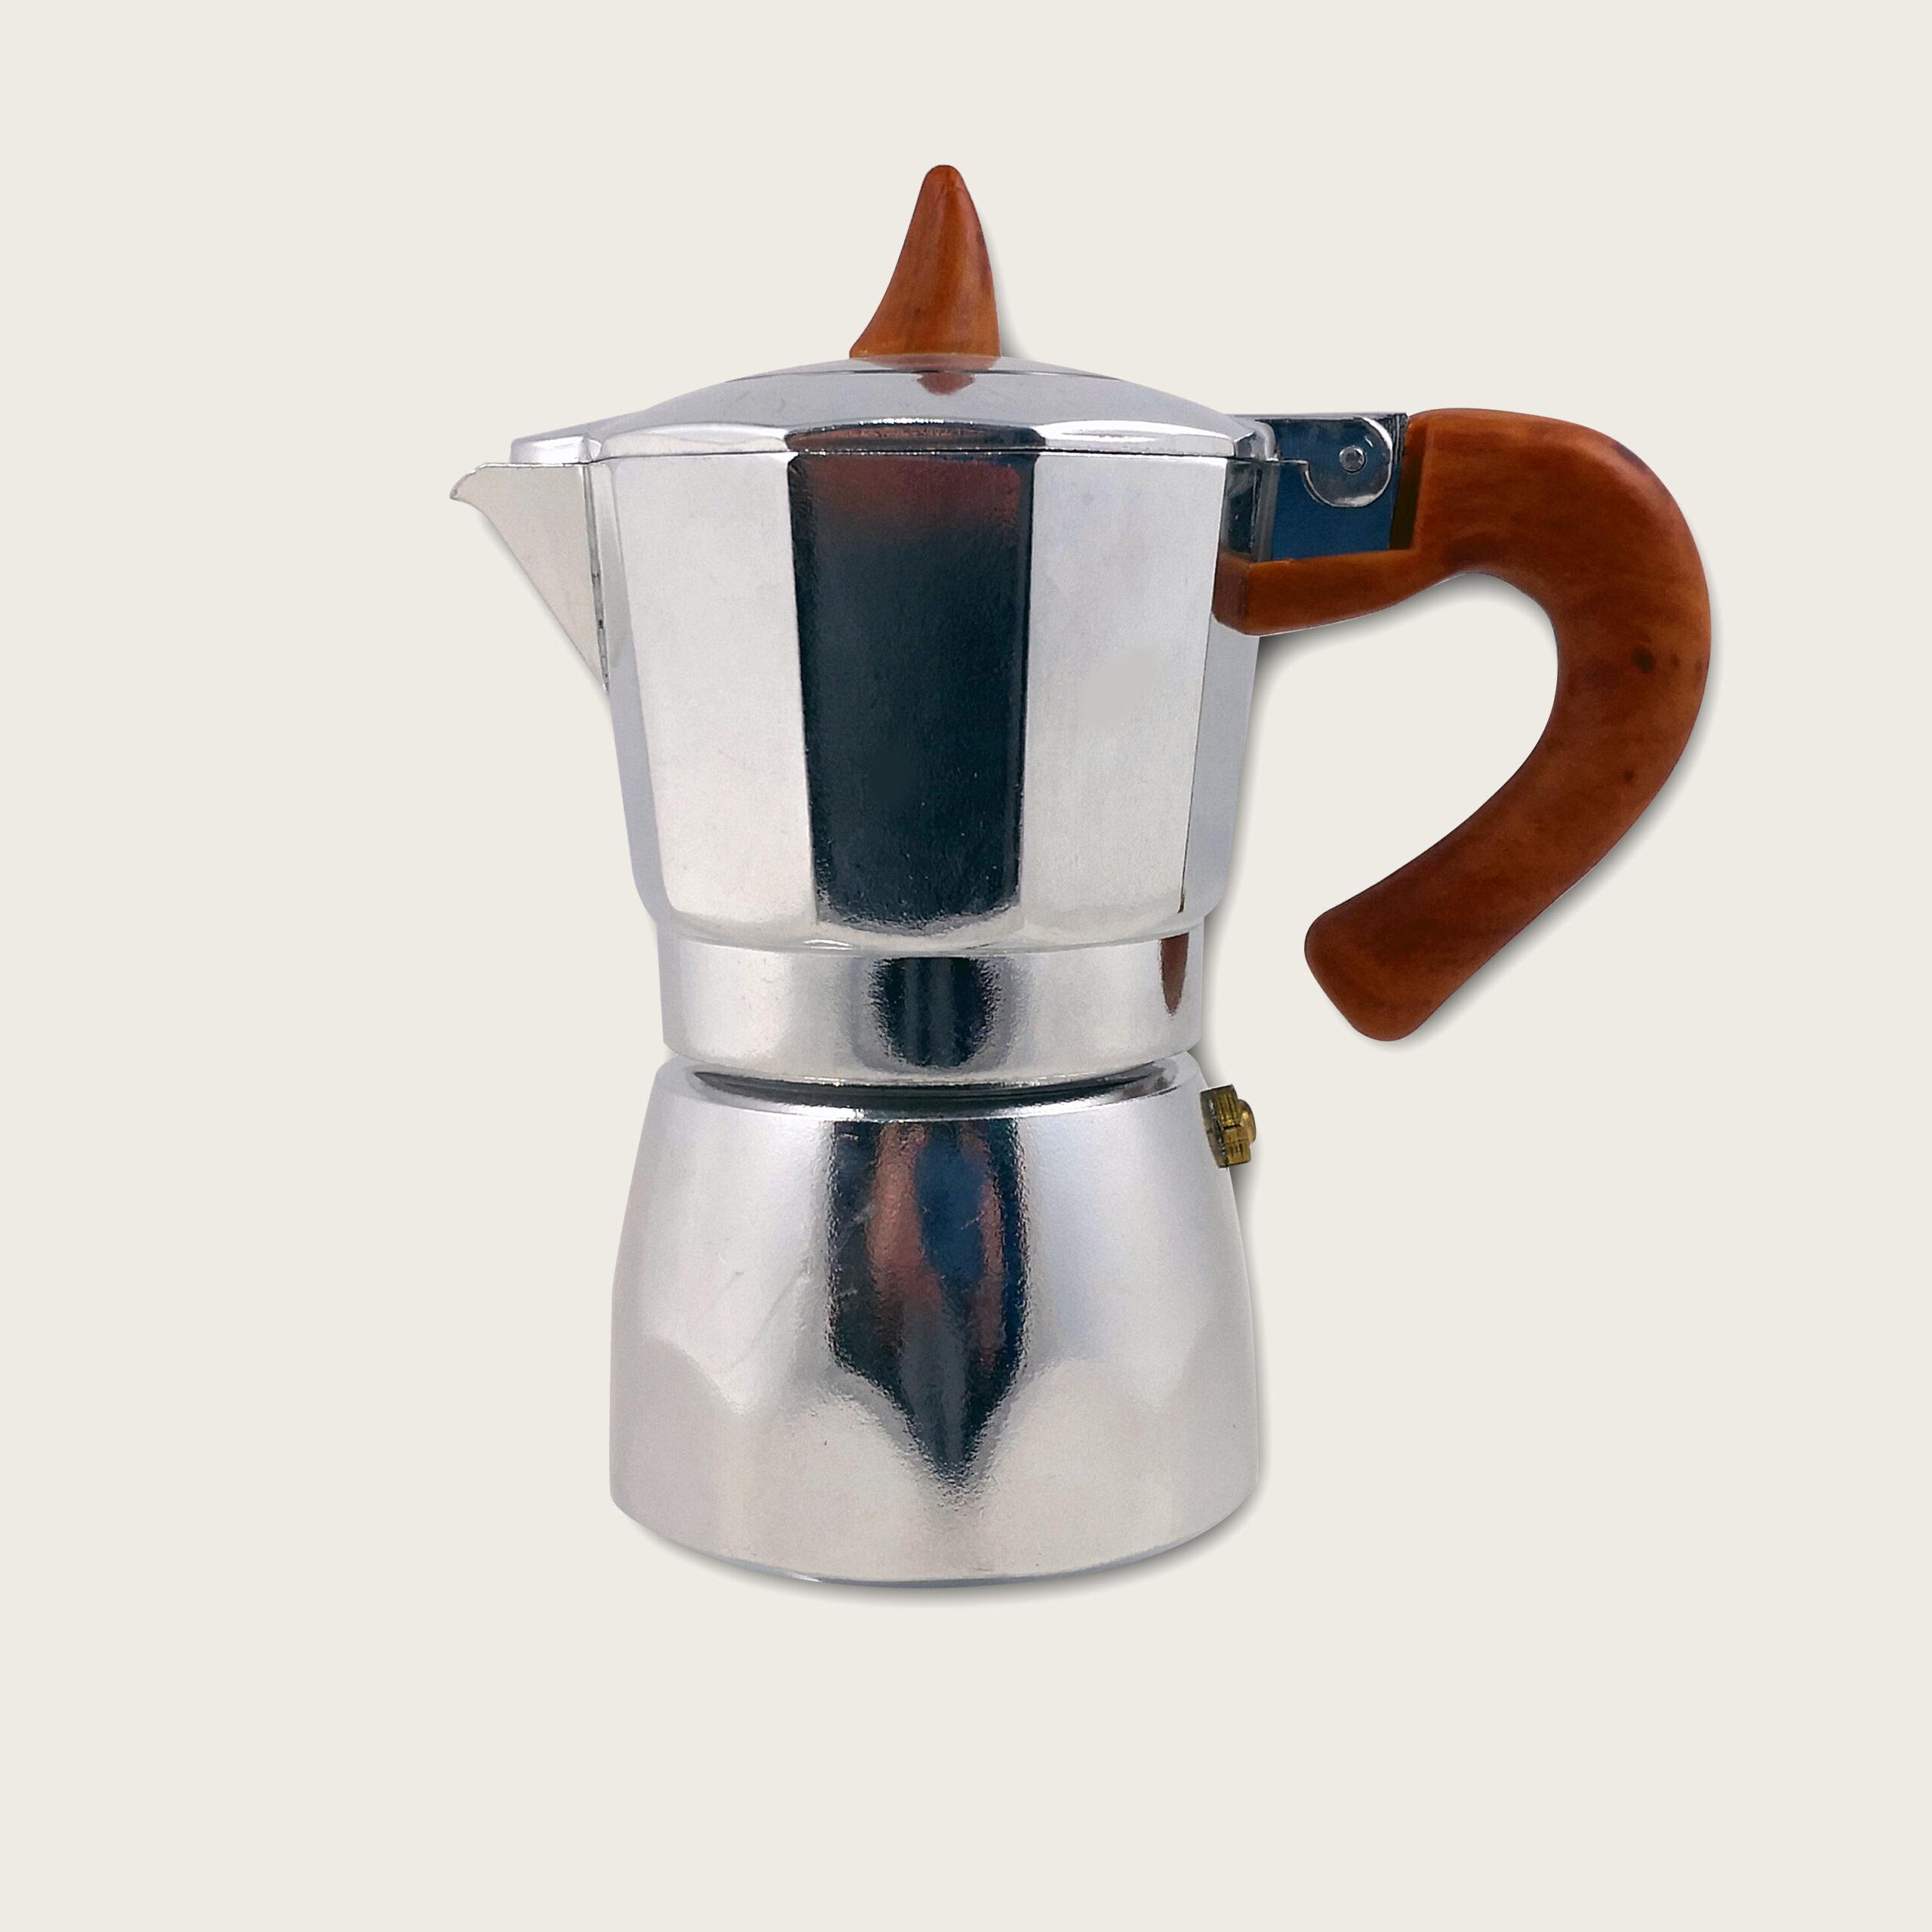 Caffettiera giulia